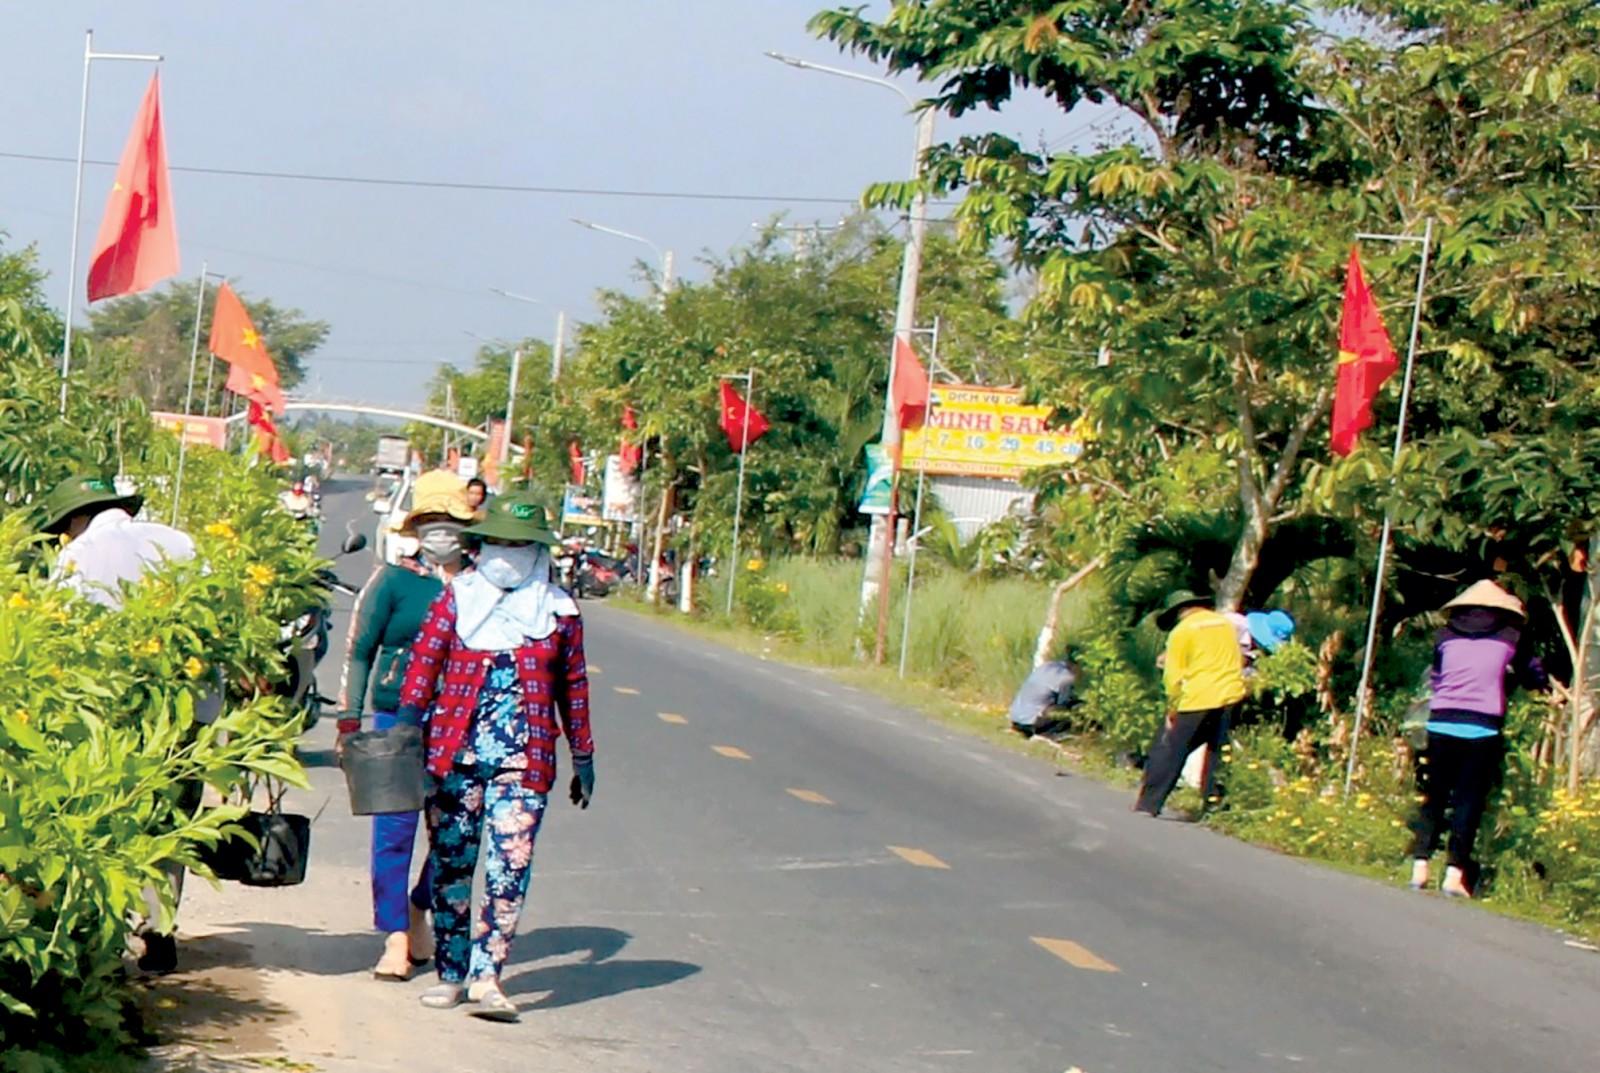 Người dân trên địa bàn xã Đông Thắng, huyện Cờ Đỏ tham gia trồng và chăm sóc cây xanh (cây hoàng yến) dọc theo tỉnh lộ 922, đoạn đi qua địa bàn xã. Ảnh: HÀ VĂN